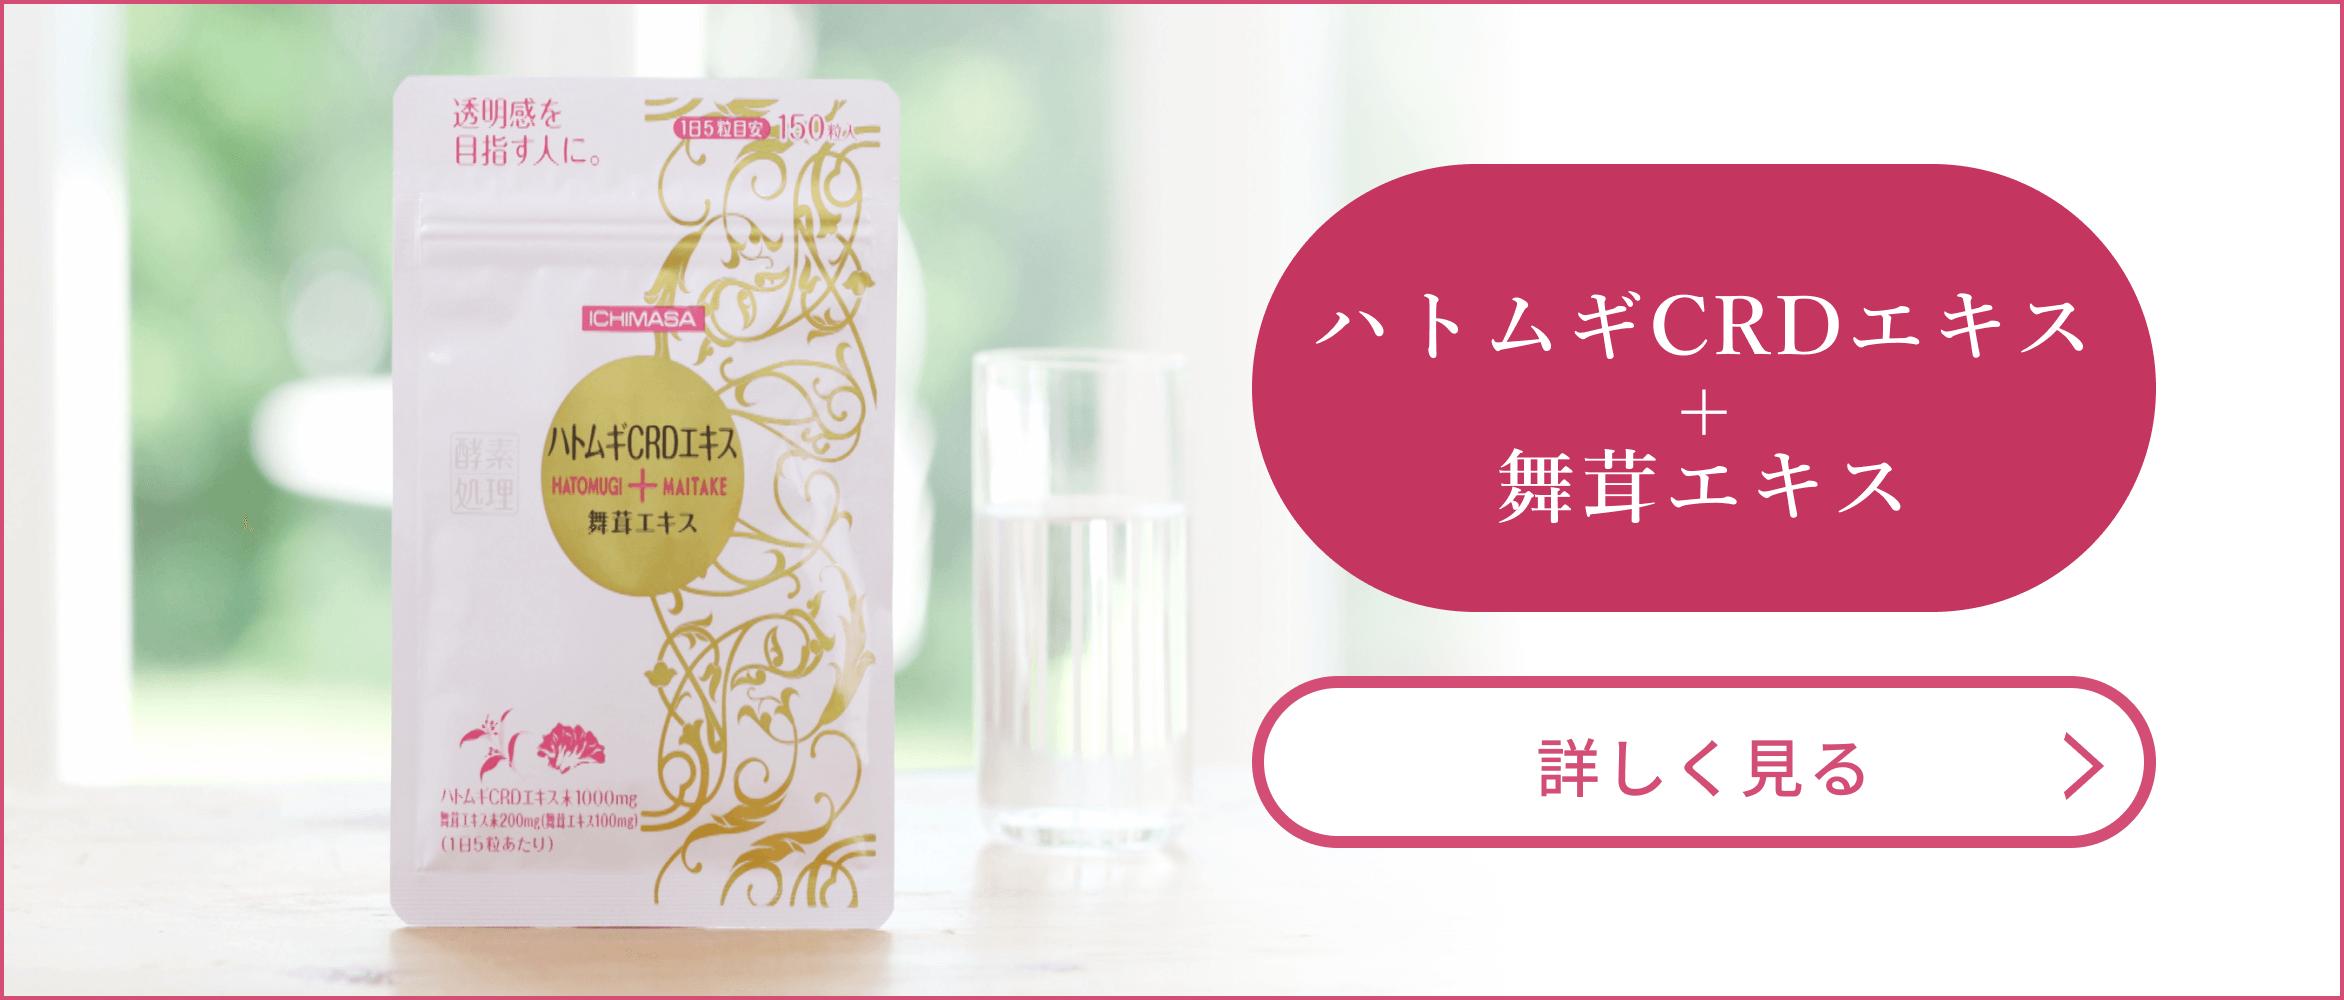 ハトムギCRDエキス+舞茸エキス